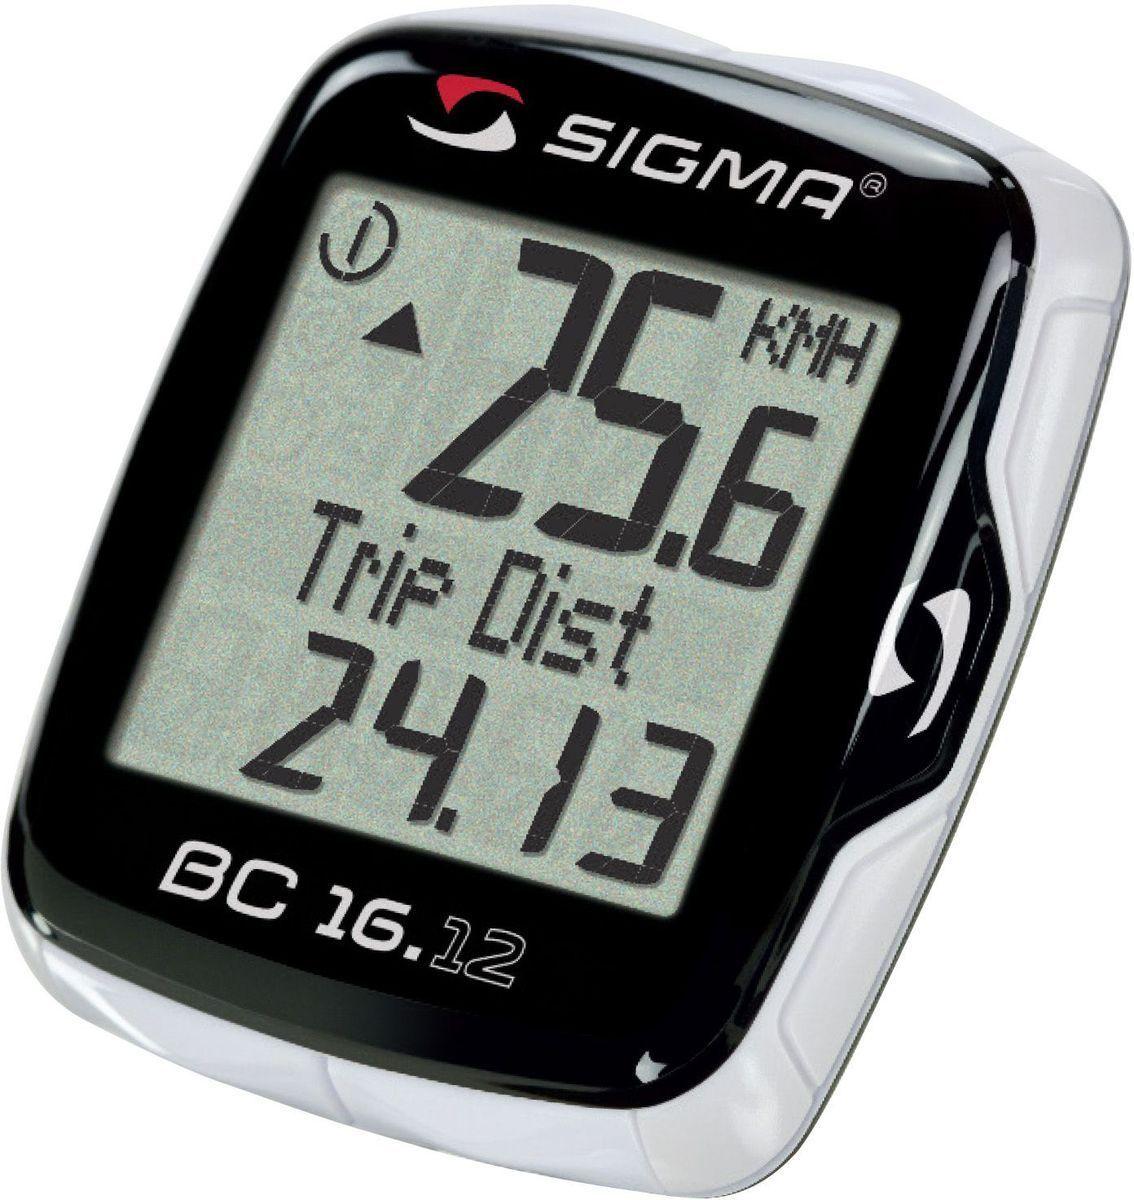 Велокомпьютер Sigma BC 16.12 Тopline, проводной, 16 функцийSIG_06120Функции: текущая скорость средняя скорость максимальная скорость сравнение текущей и максимальной скоростей дистанция поездки общий путь для 1 / 2 / 1+2 велосипедов (не показывается во время движения) отдельный счетчик пути с ручным включением/выключением время в пути общее время 1 / 2 / 1+2 велосипедов (не показывается во время движения) отдельный счетчик времени с ручным включением/выключением часы таймер обратного отсчета текущая температураС этой моделью возможно использование каденса (докупается отдельно) Автоматическое включение/выключение при езде и остановке Влагозащищен Подсветка Есть возможность подключения к компьютеру с помощью дополнительных аксессуаров